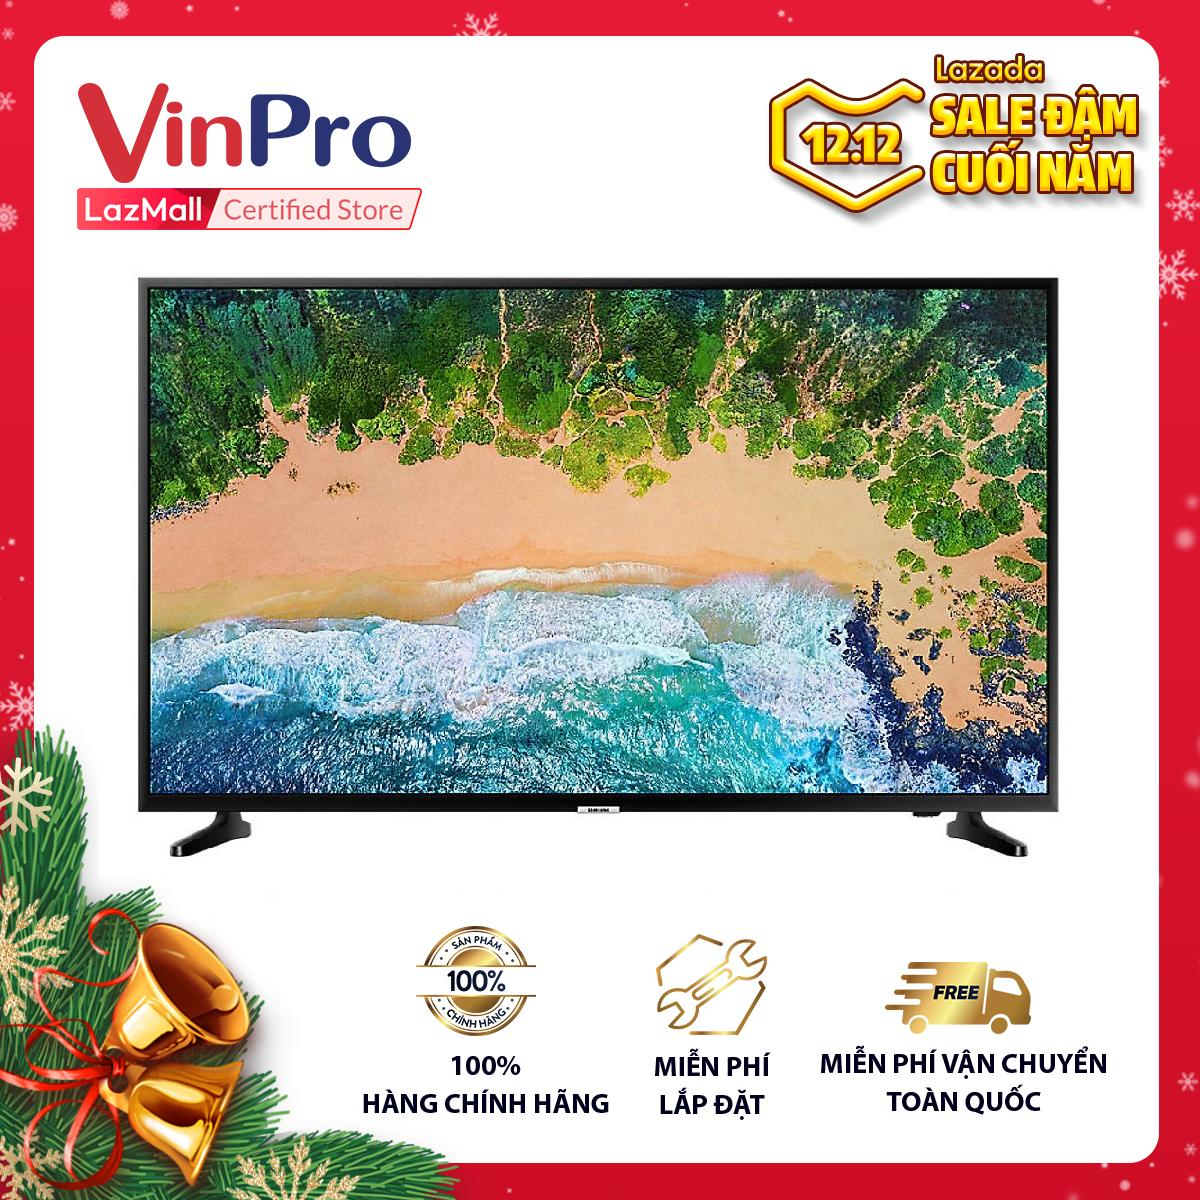 Smart Tivi Samsung 50 inch 4K UHD UA50NU7090KXXV - Hàng chính hãng - Viền siêu mỏng, Công nghệ nâng cao...